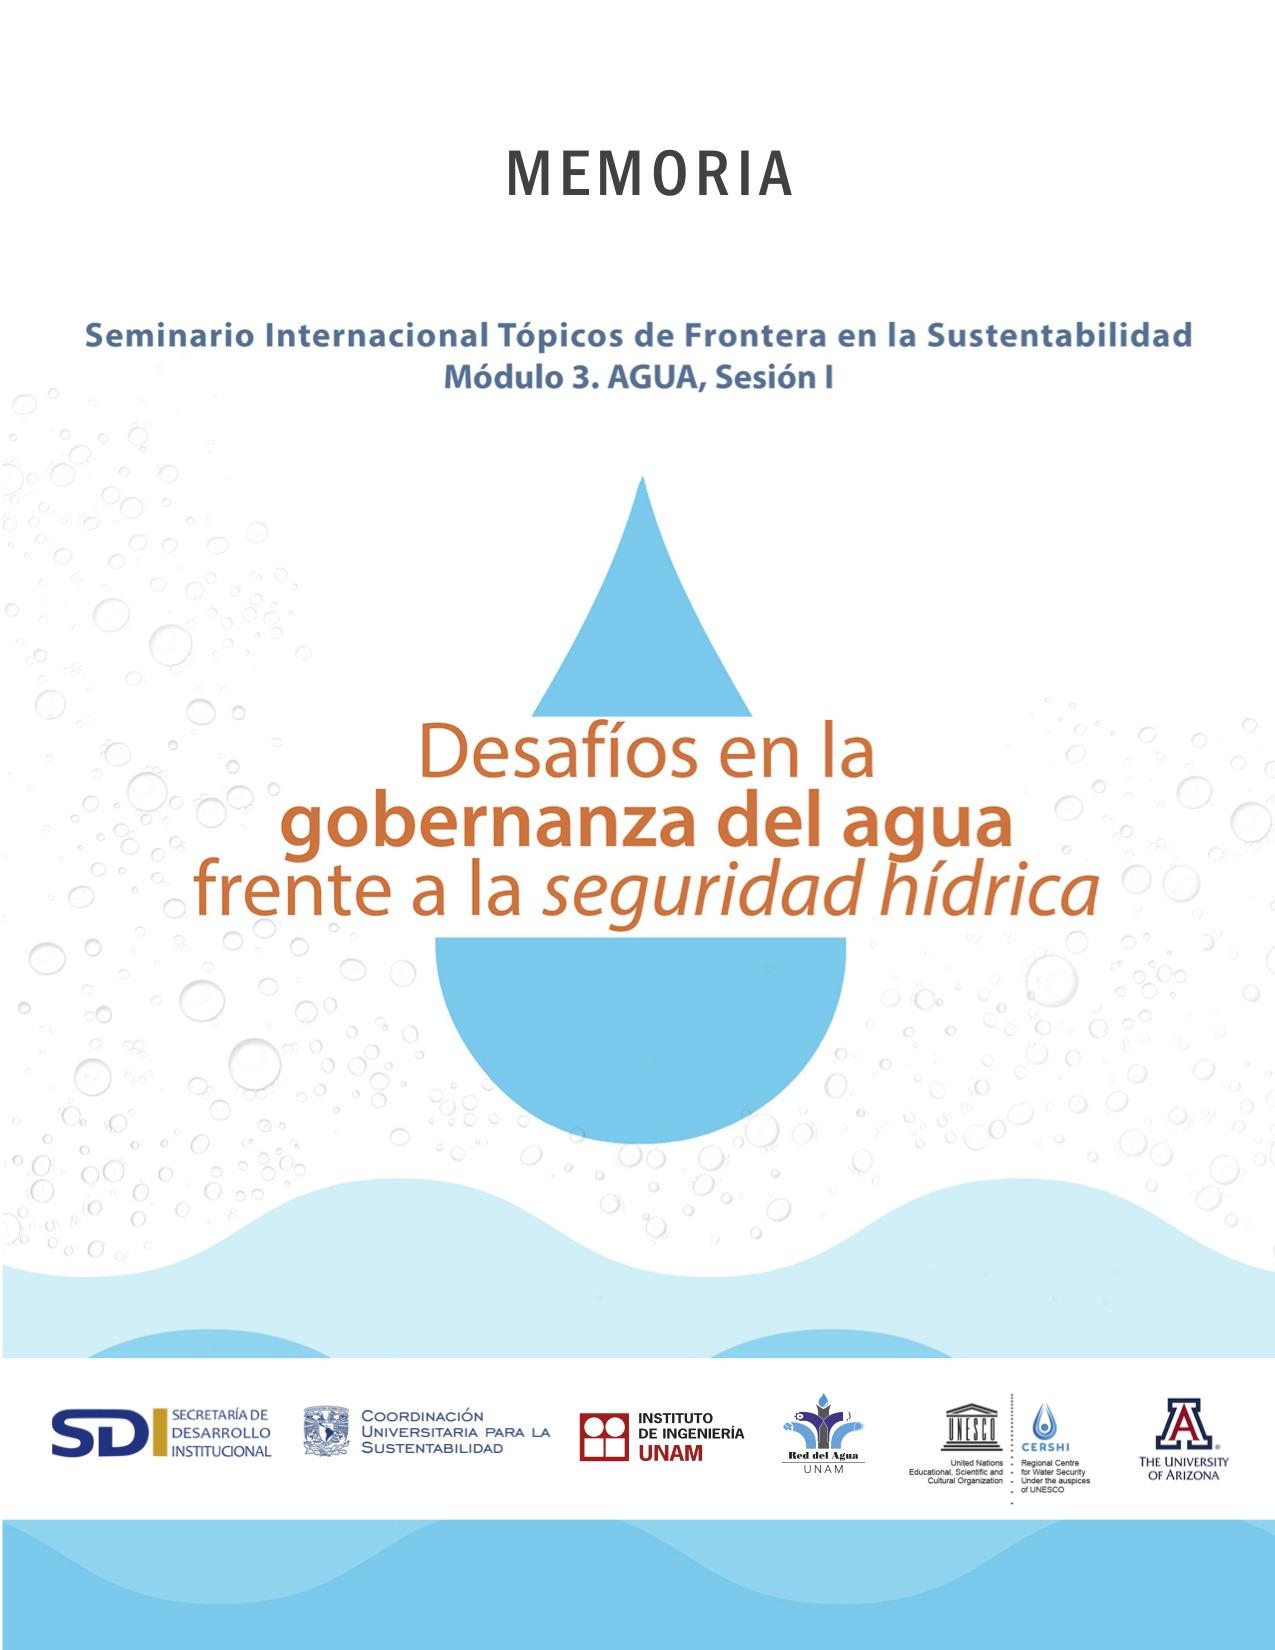 Memoria de la Sesión: Desafíos en la gobernanza del agua frente a la seguridad hídrica